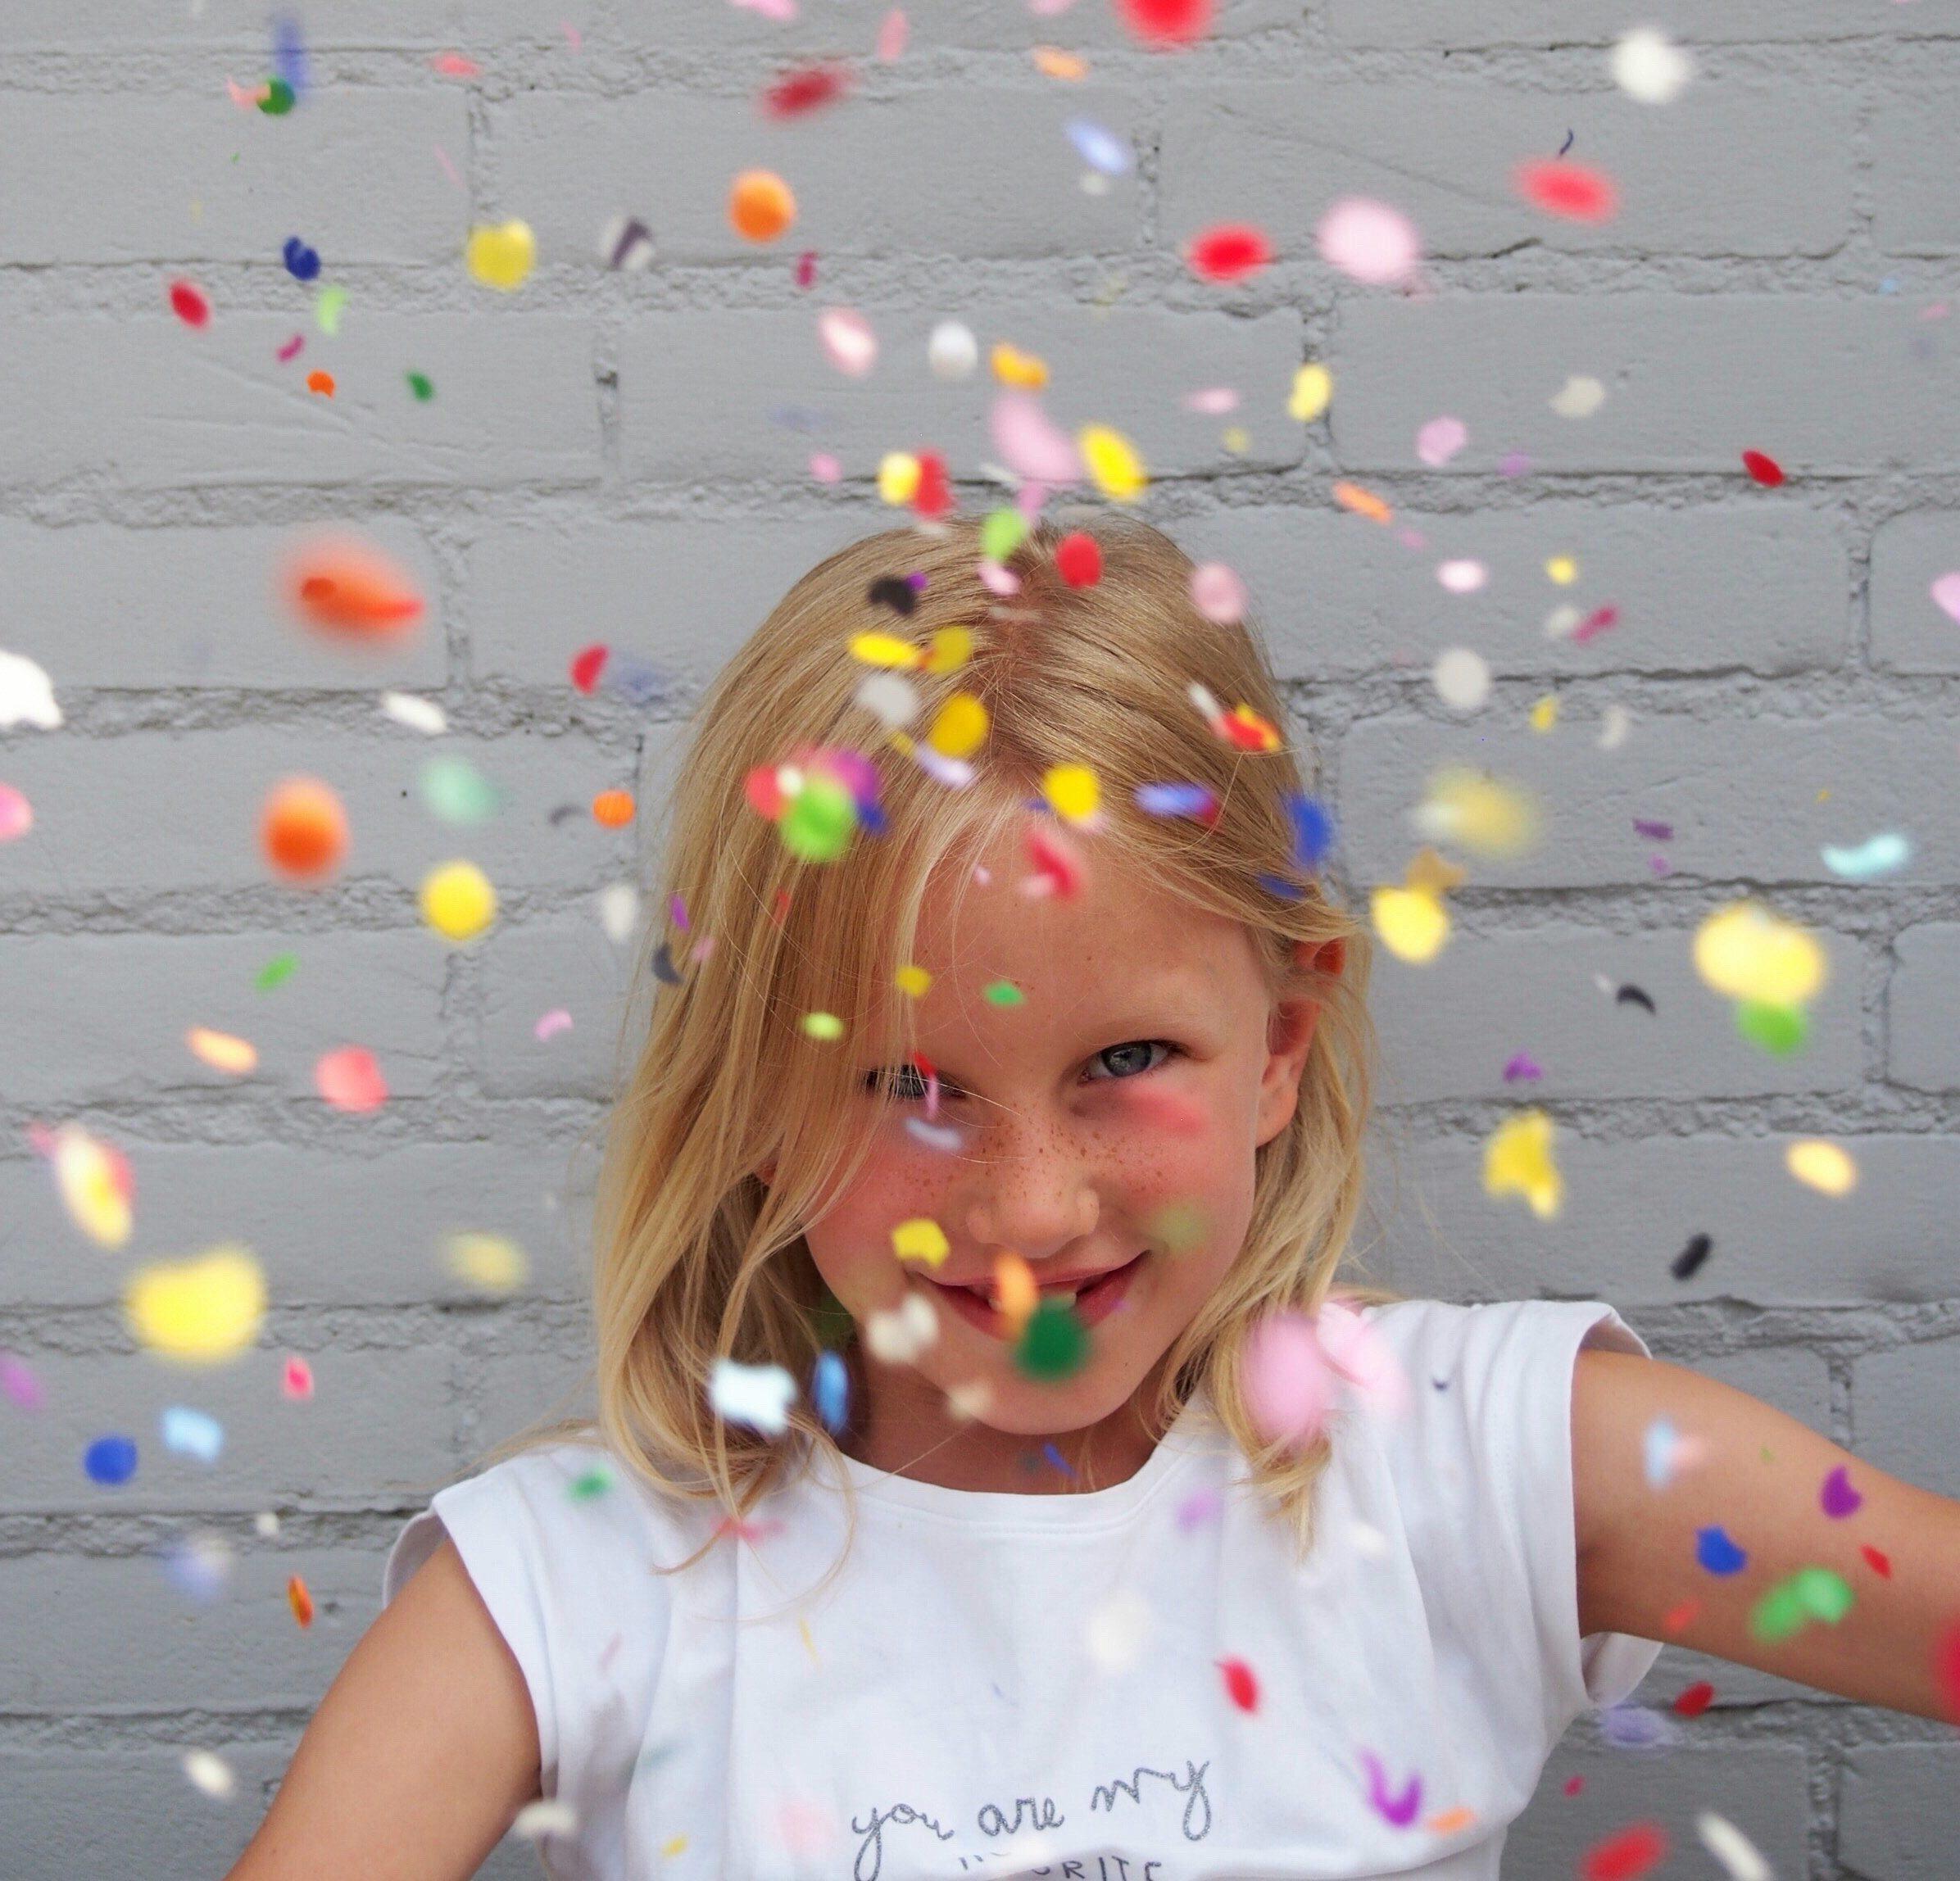 Kind feiert mit Konfetti